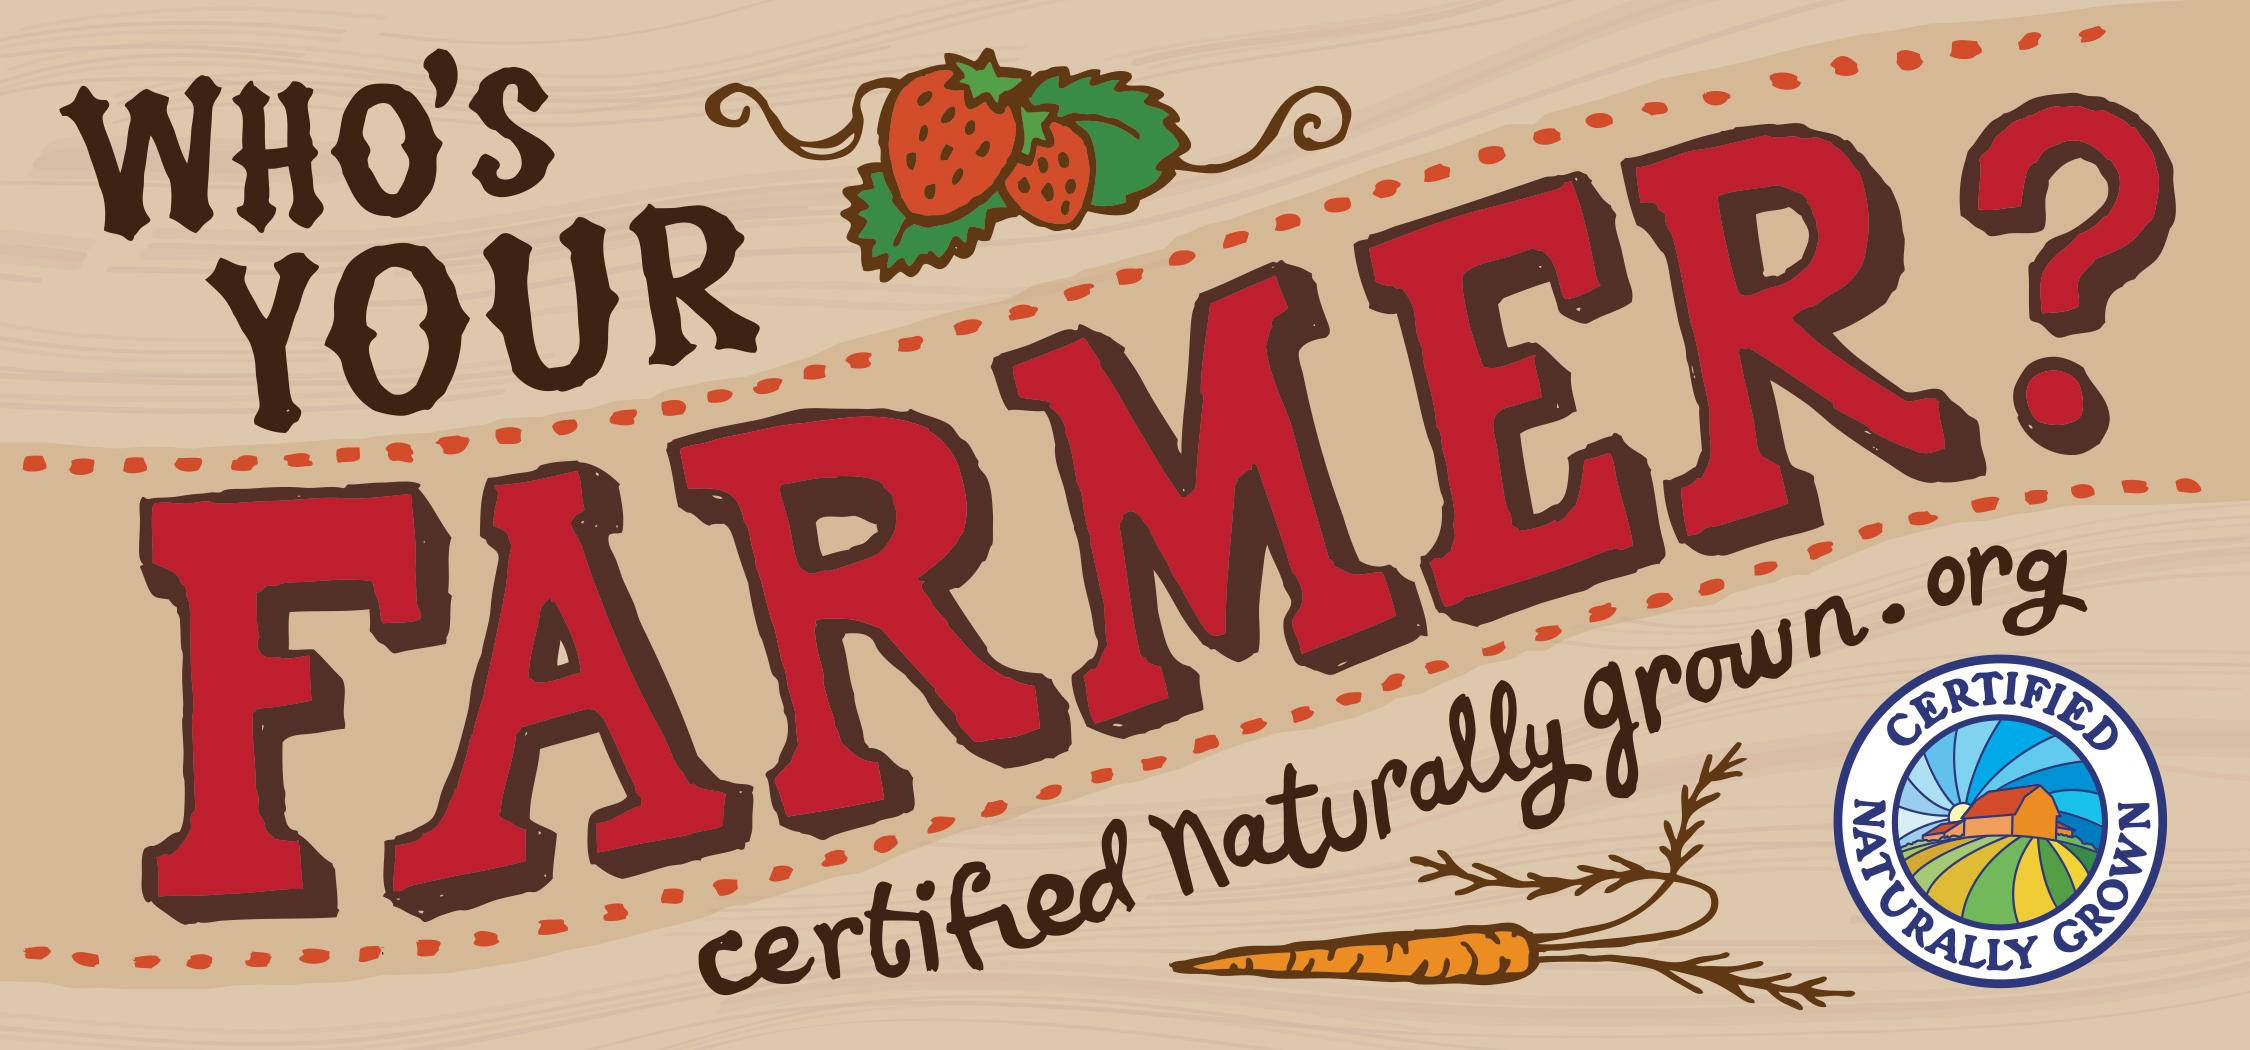 CNG-Whos Your Farmer-HR.jpg